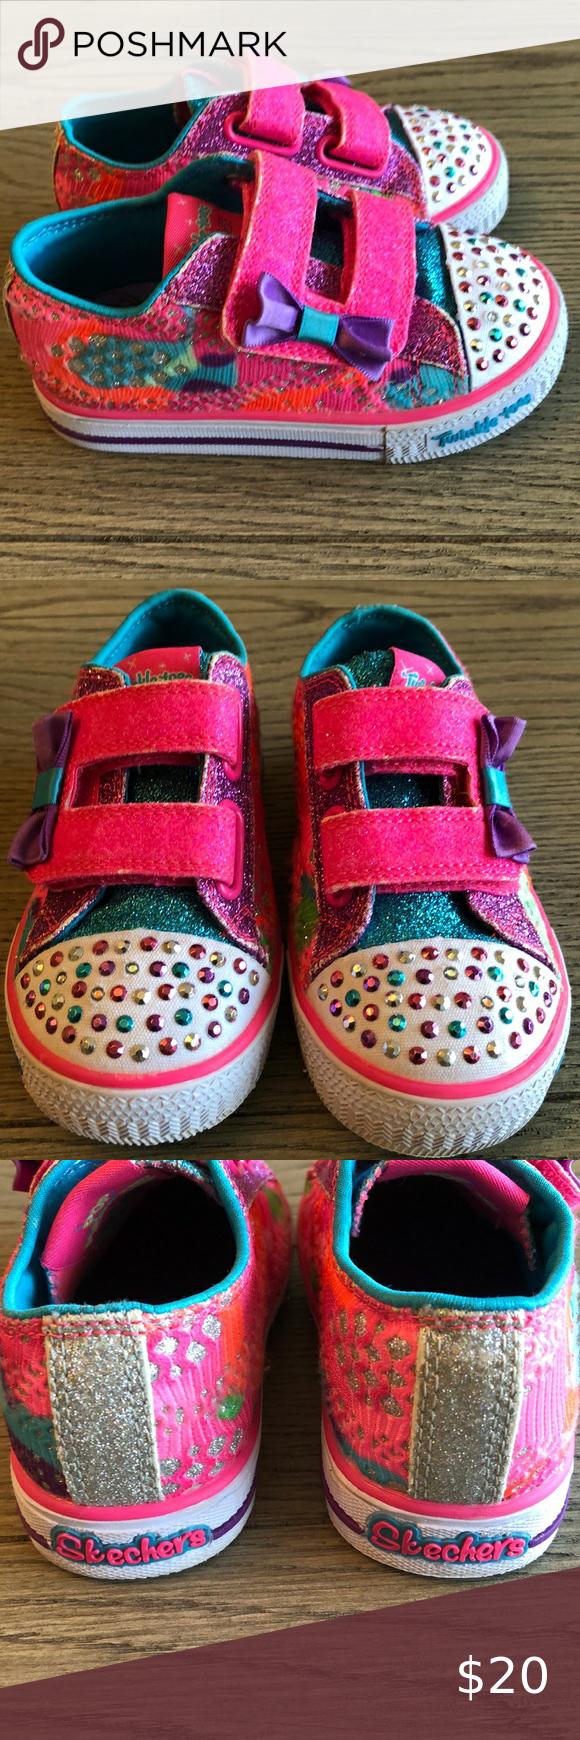 Skechers Pop Princess Twinkle Toes